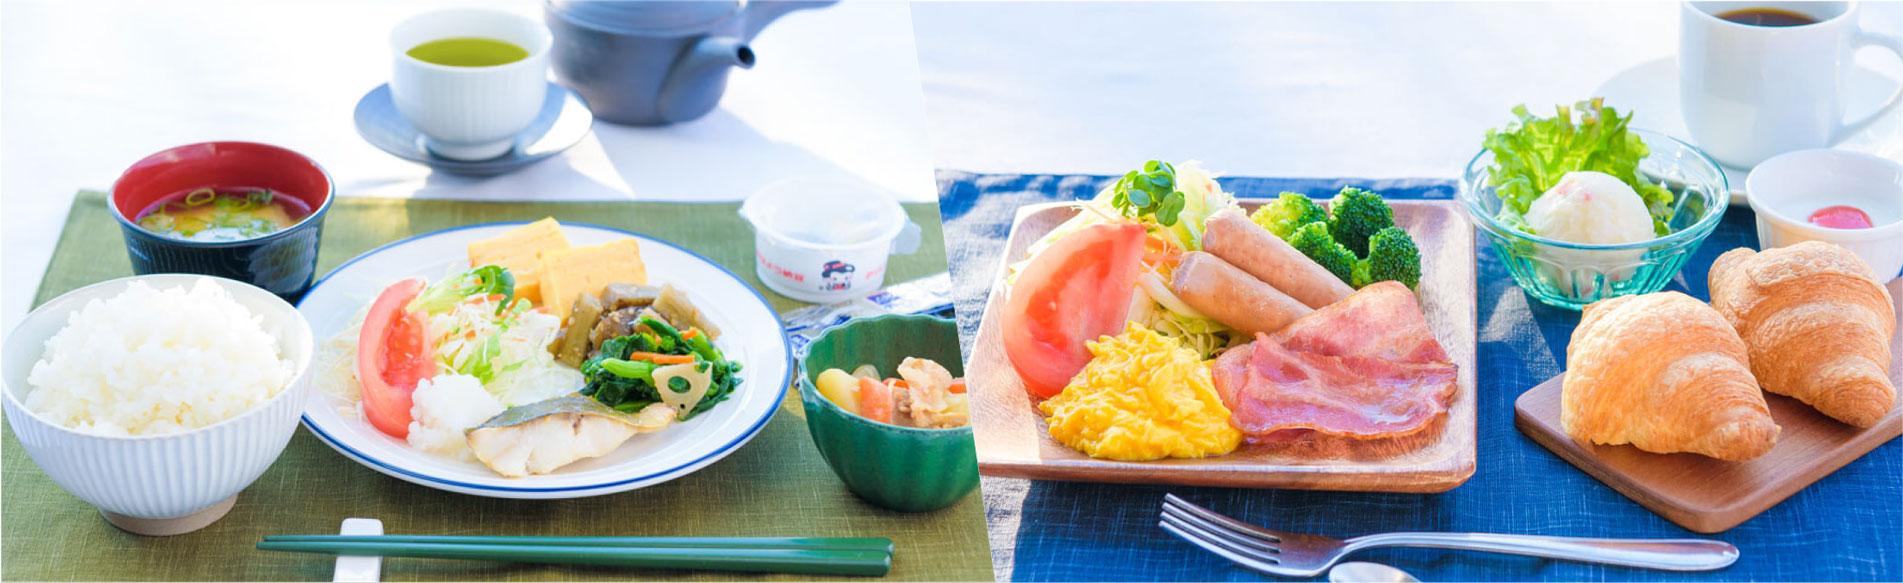 バジェットイン朝食トップイメージ